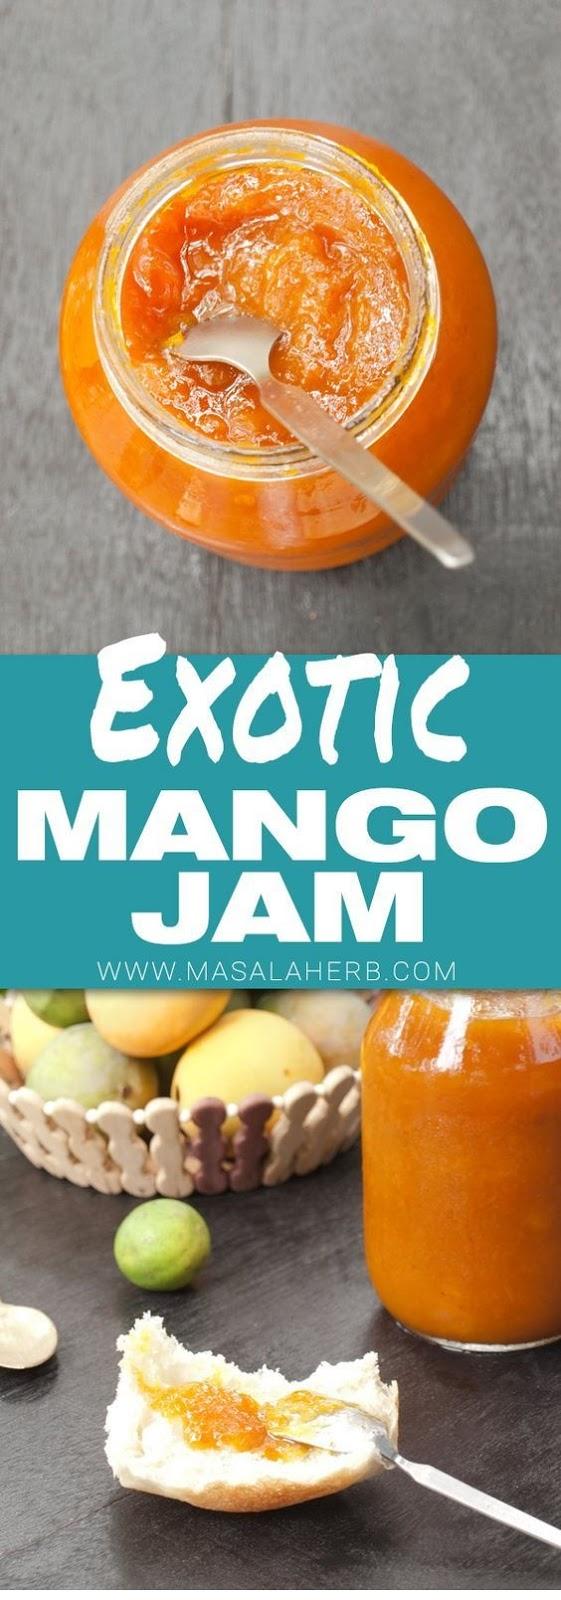 Homemade Mango Jam Recipe